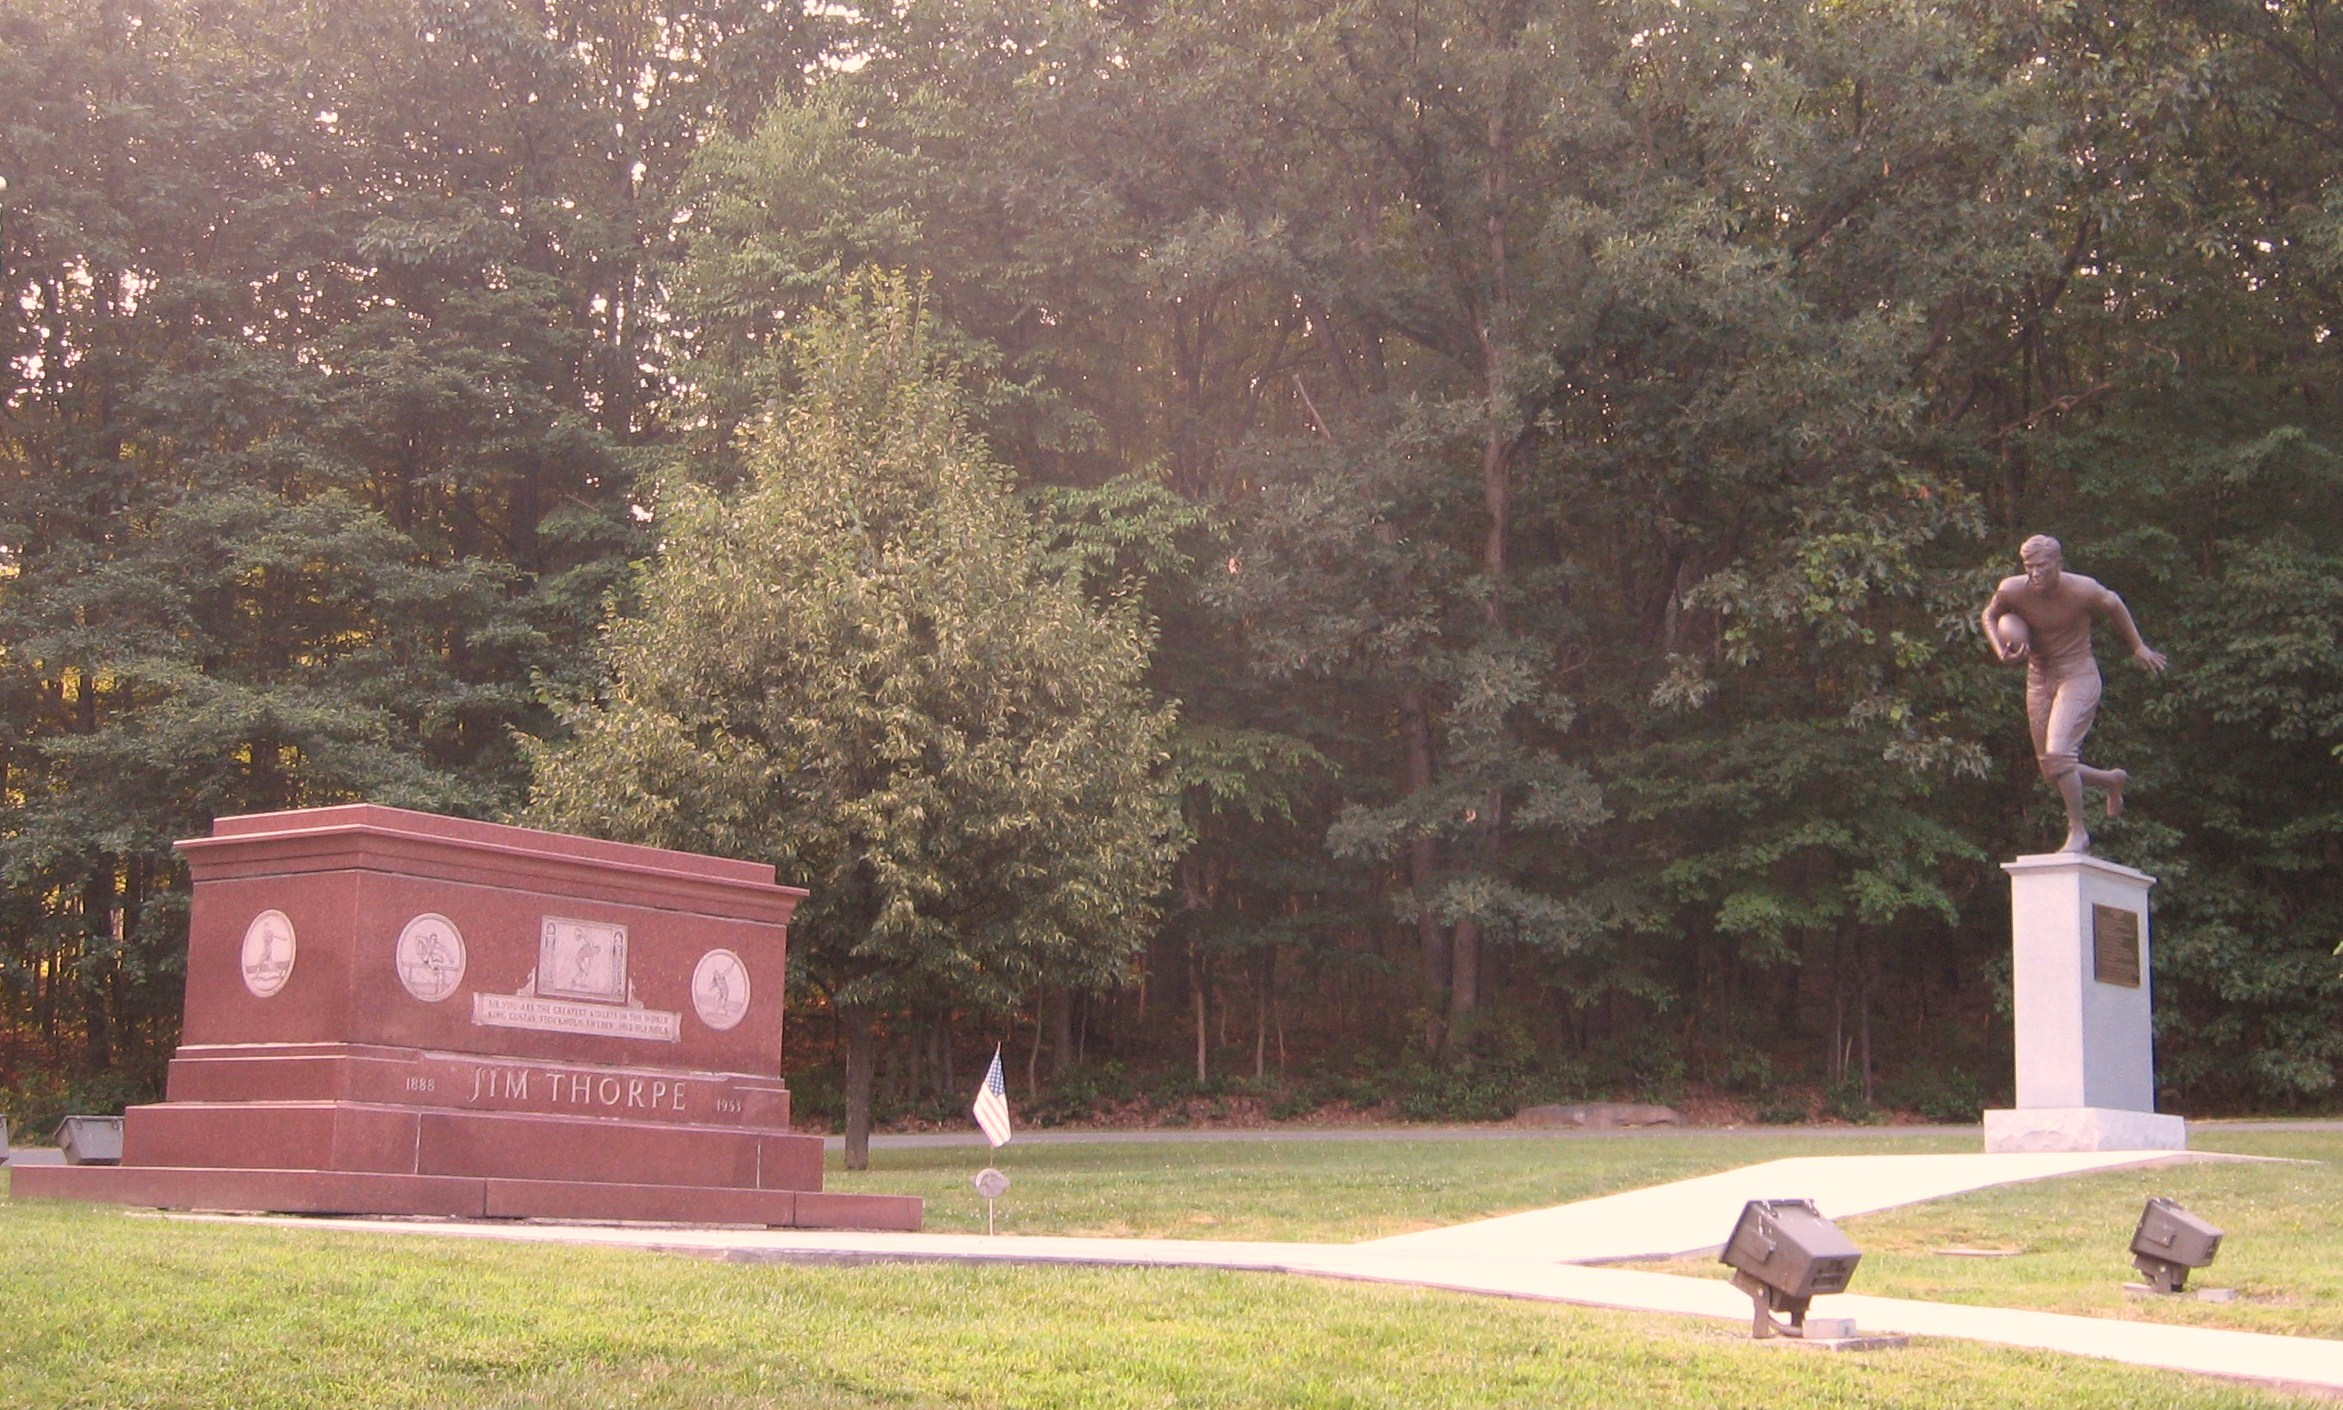 Image of Jim Thorpe memorials